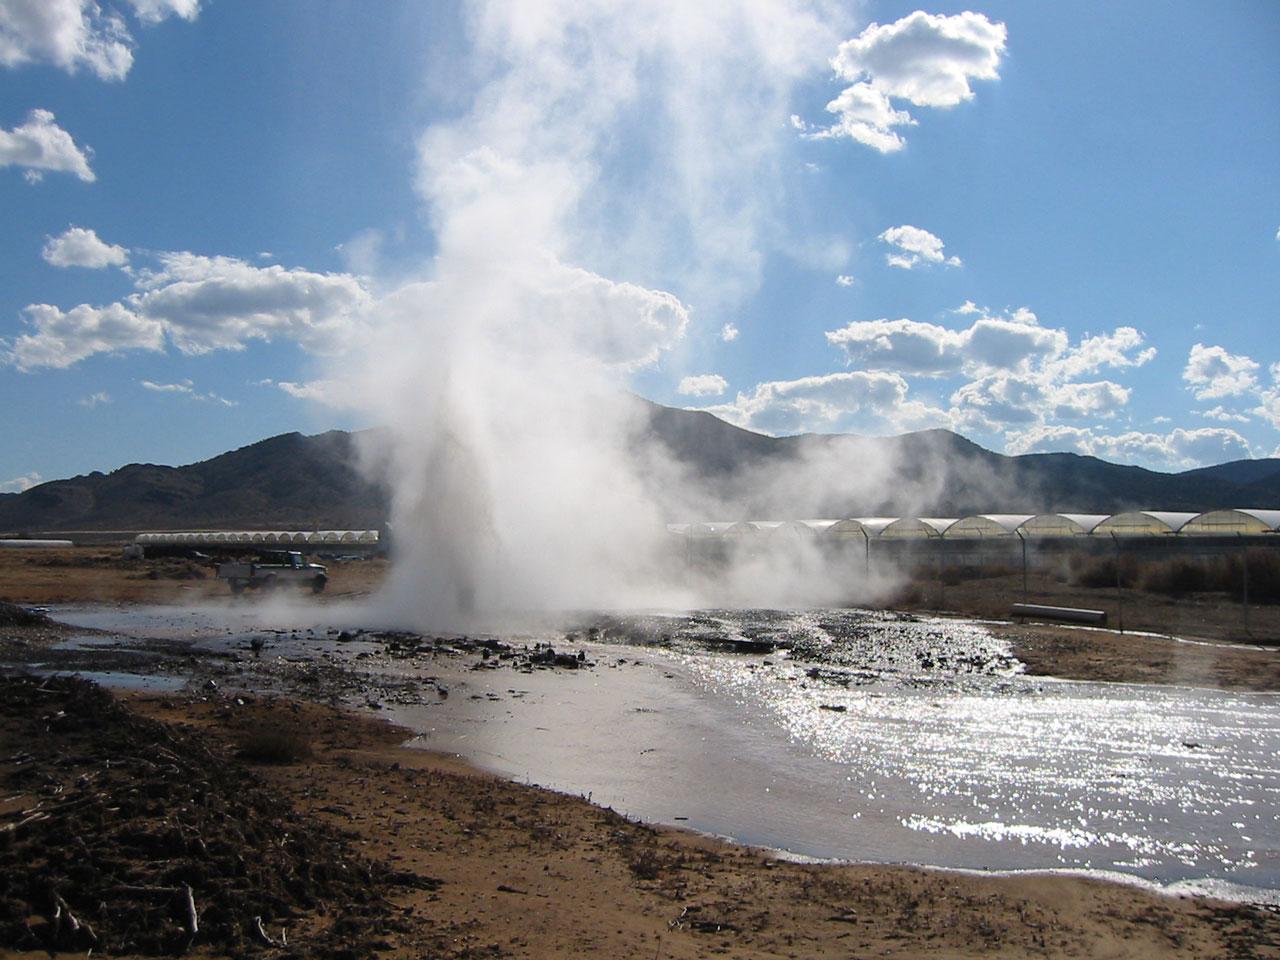 Utah geothermal well flow test at Milgro Nursery's greenhouses, Newcastle, Utah. Photo by Robert Blackett, Utah Geological Survey.